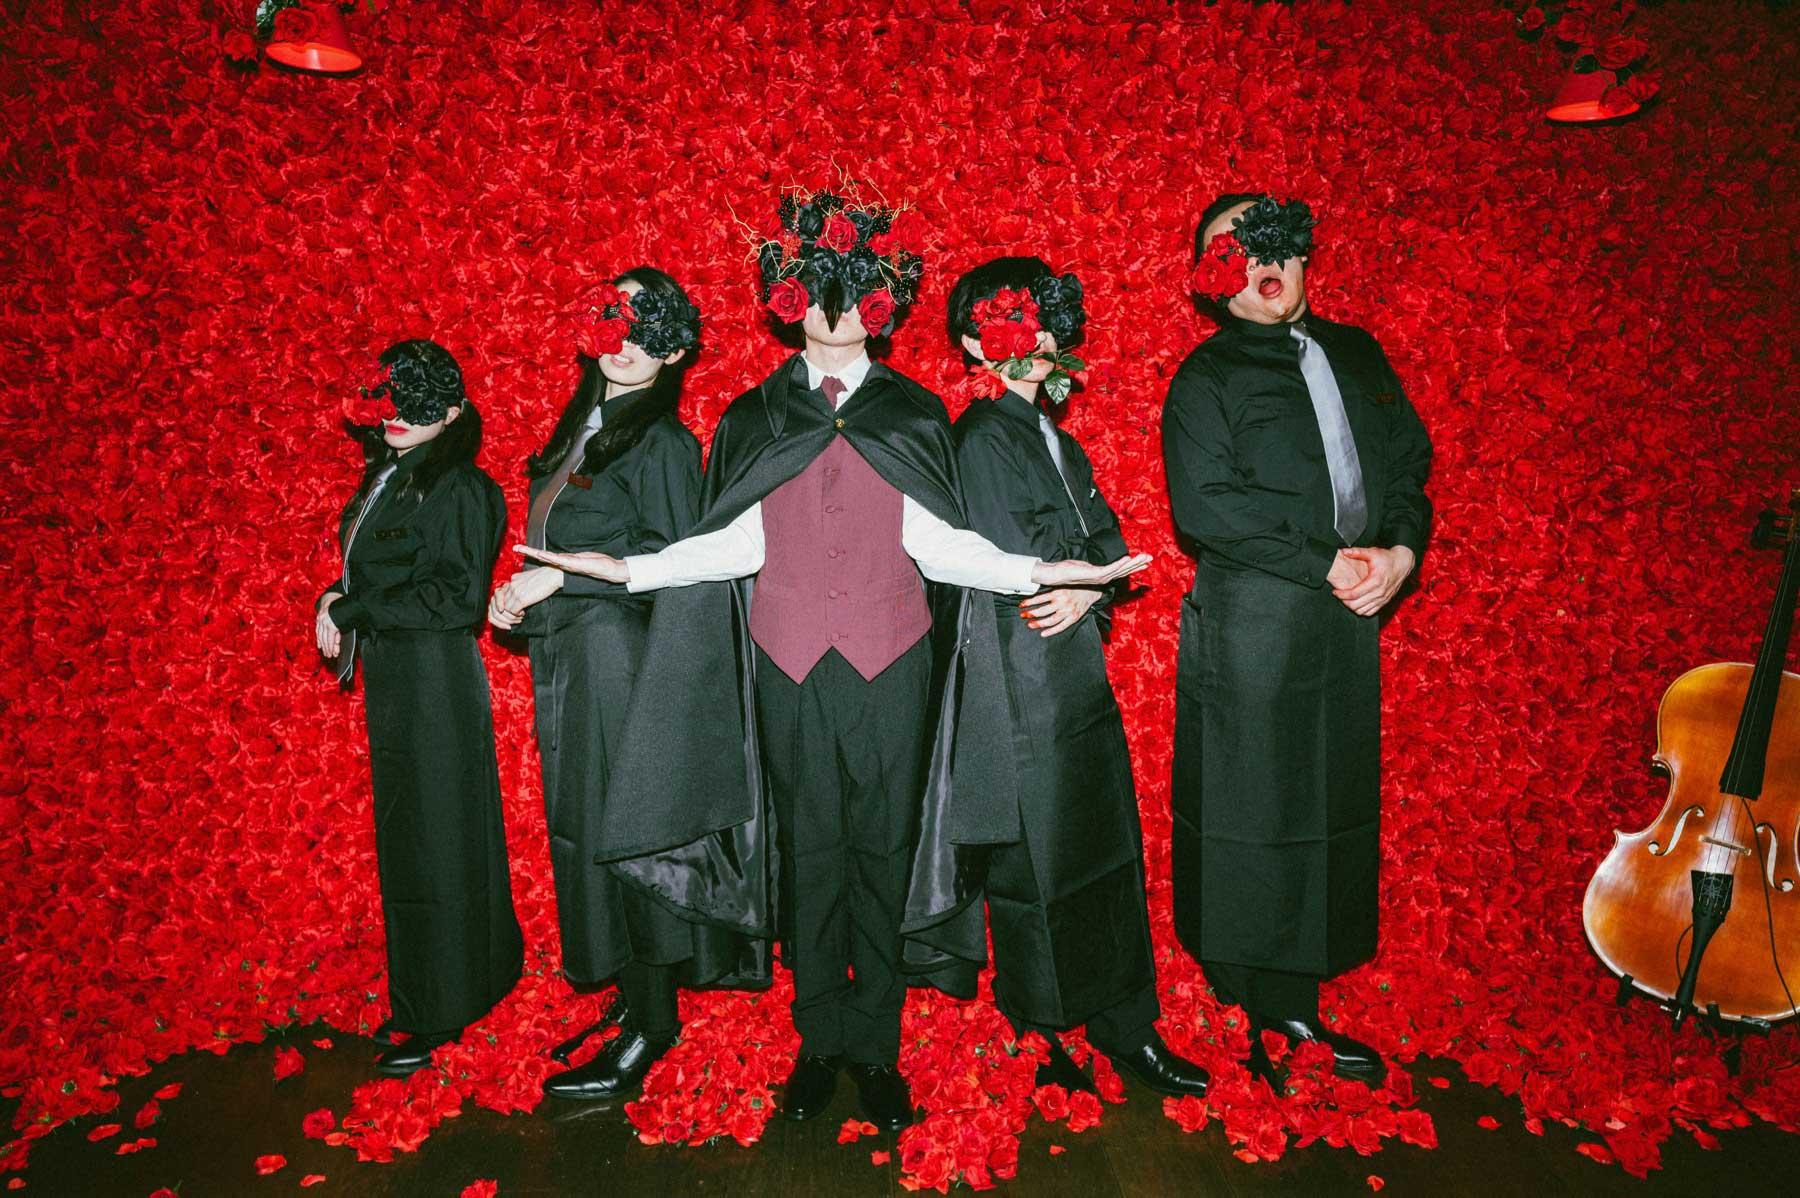 4万本の薔薇に包まれて、血の美食を楽しむイマーシブレストラン「喰種レストラン」